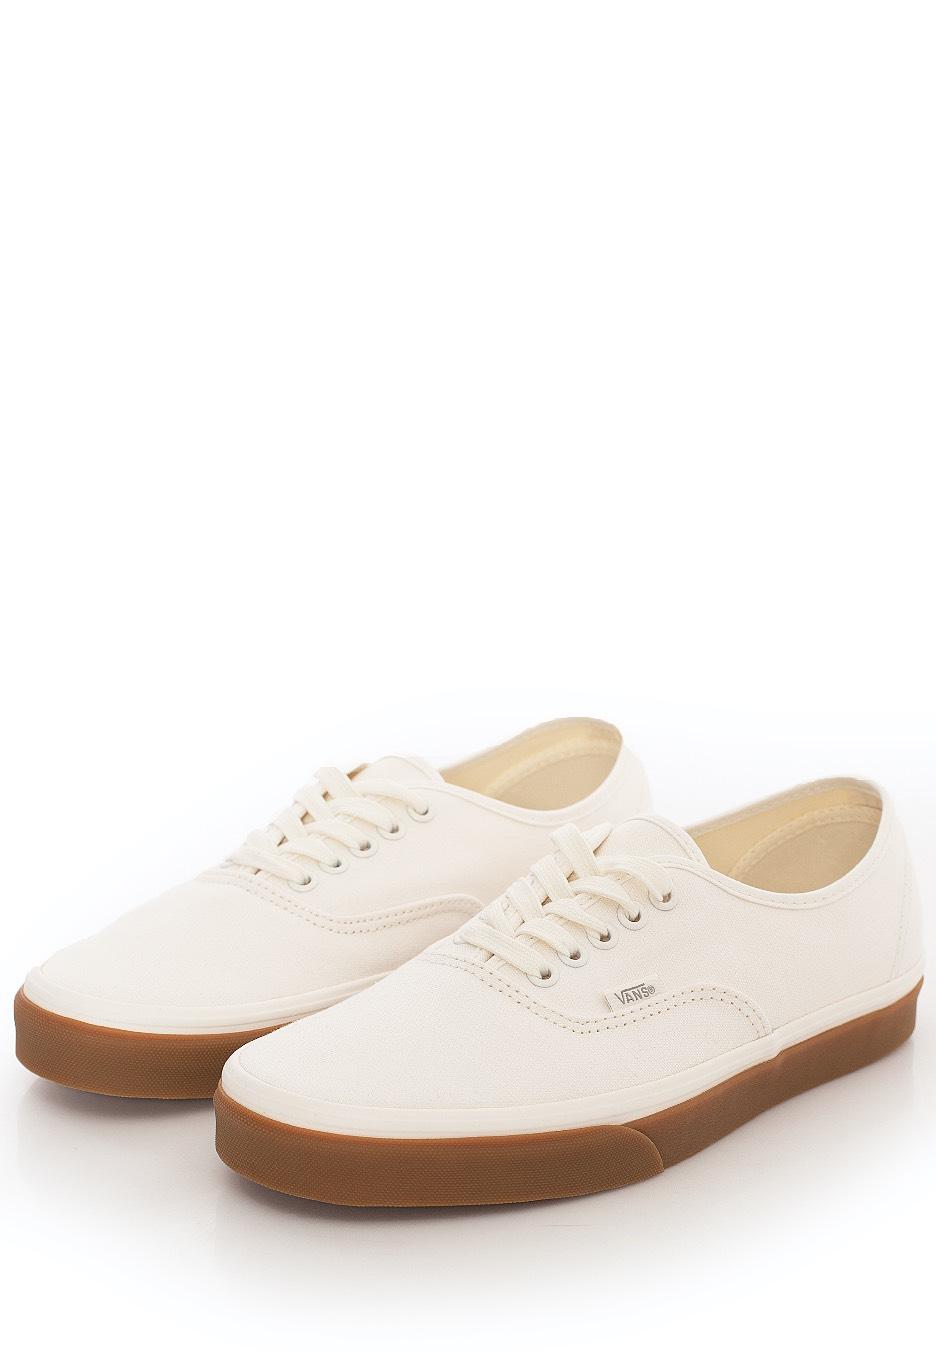 Vans - Authentic (12 Oz Canvas) Mrshmlw/Gum - Girl Shoes ...